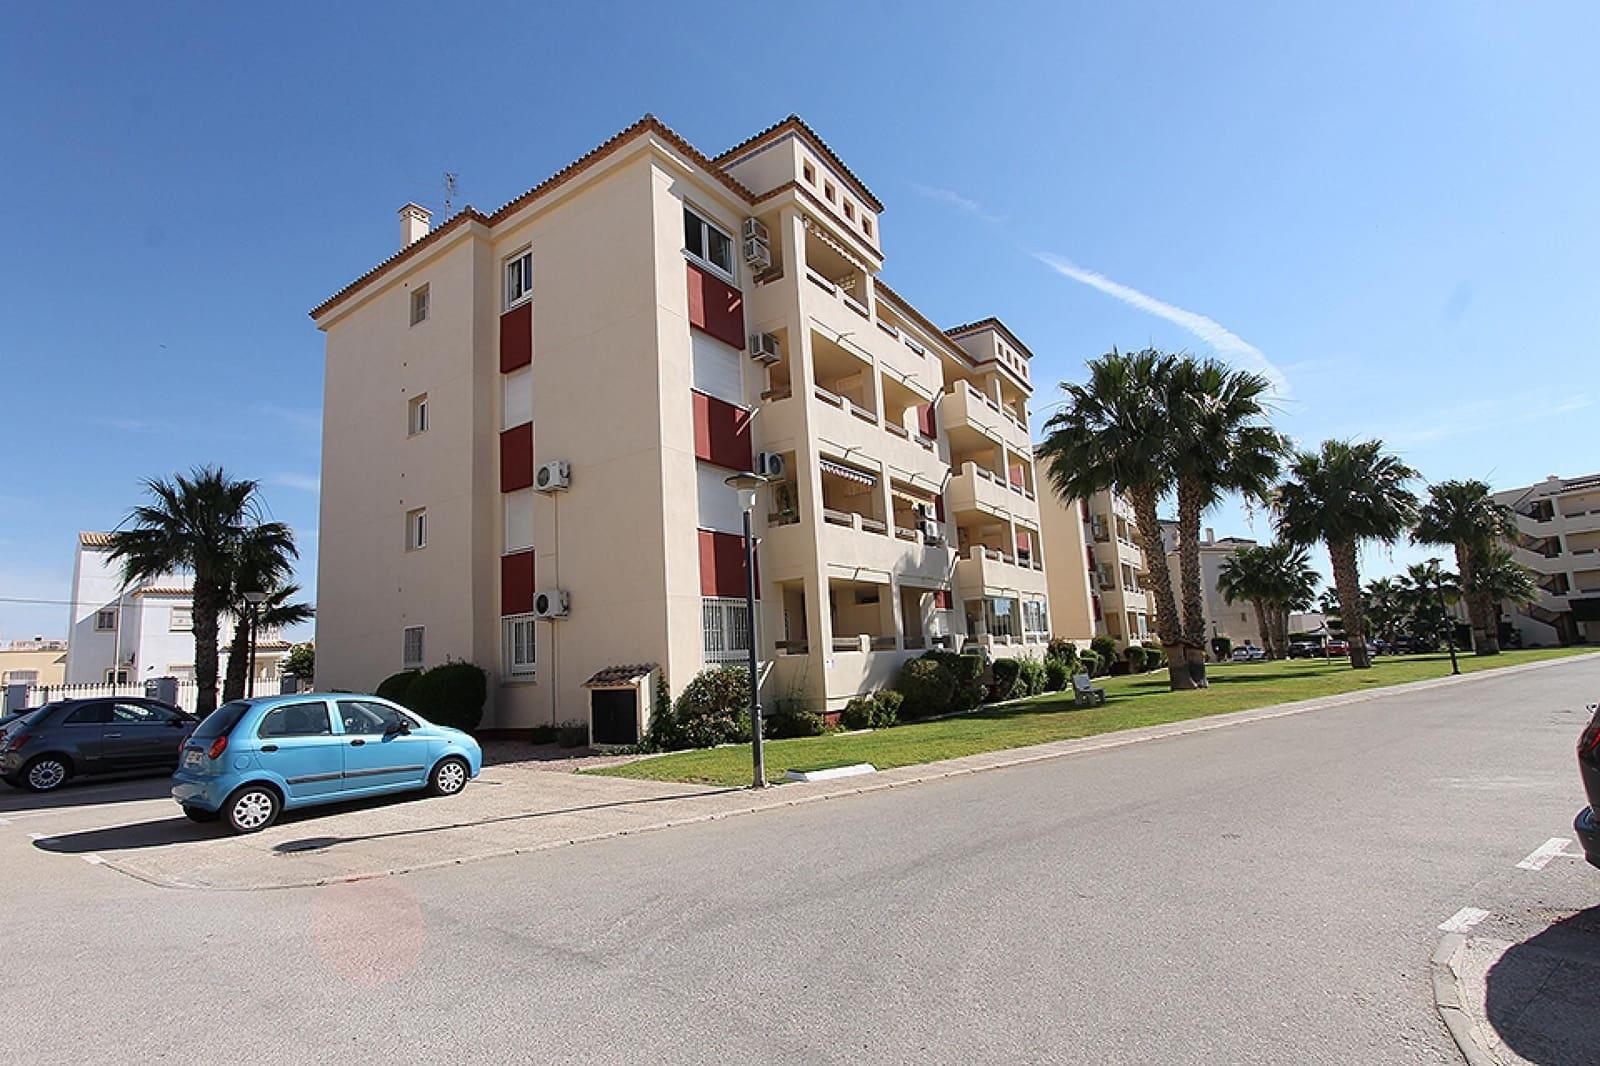 Apartamento de 2 habitaciones en Playa Flamenca en venta con piscina - 145.000 € (Ref: 4746545)